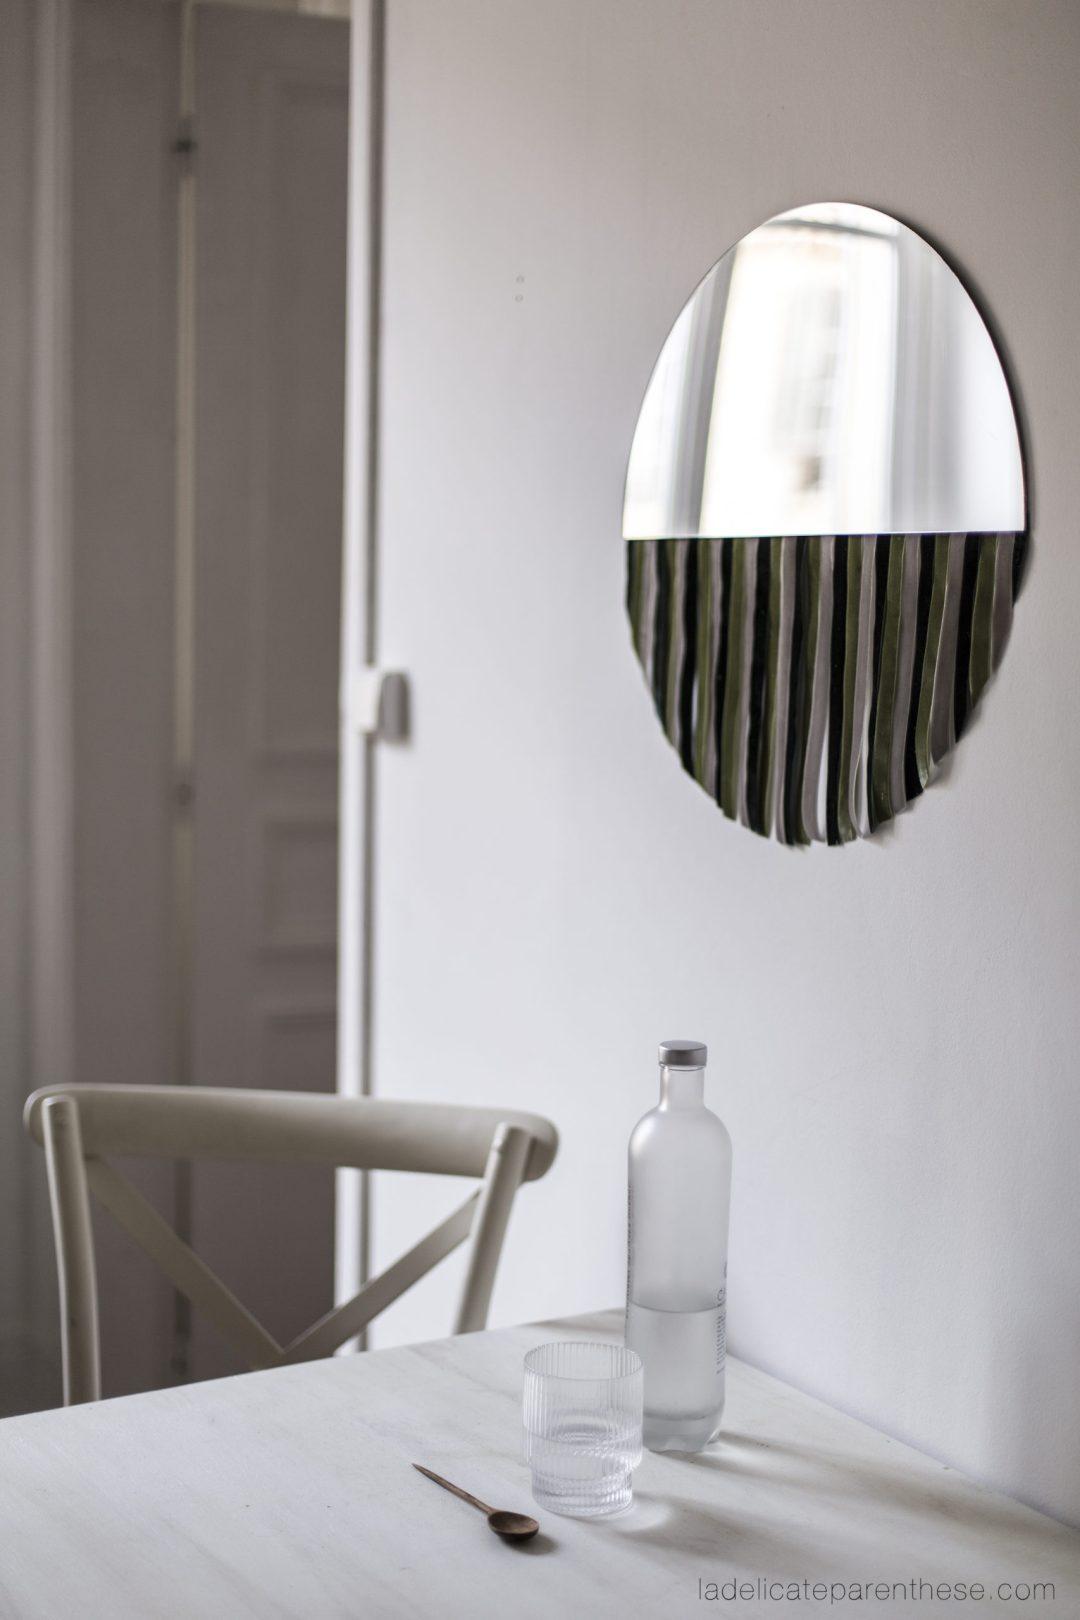 velvet mirror création handmade sostrene grene